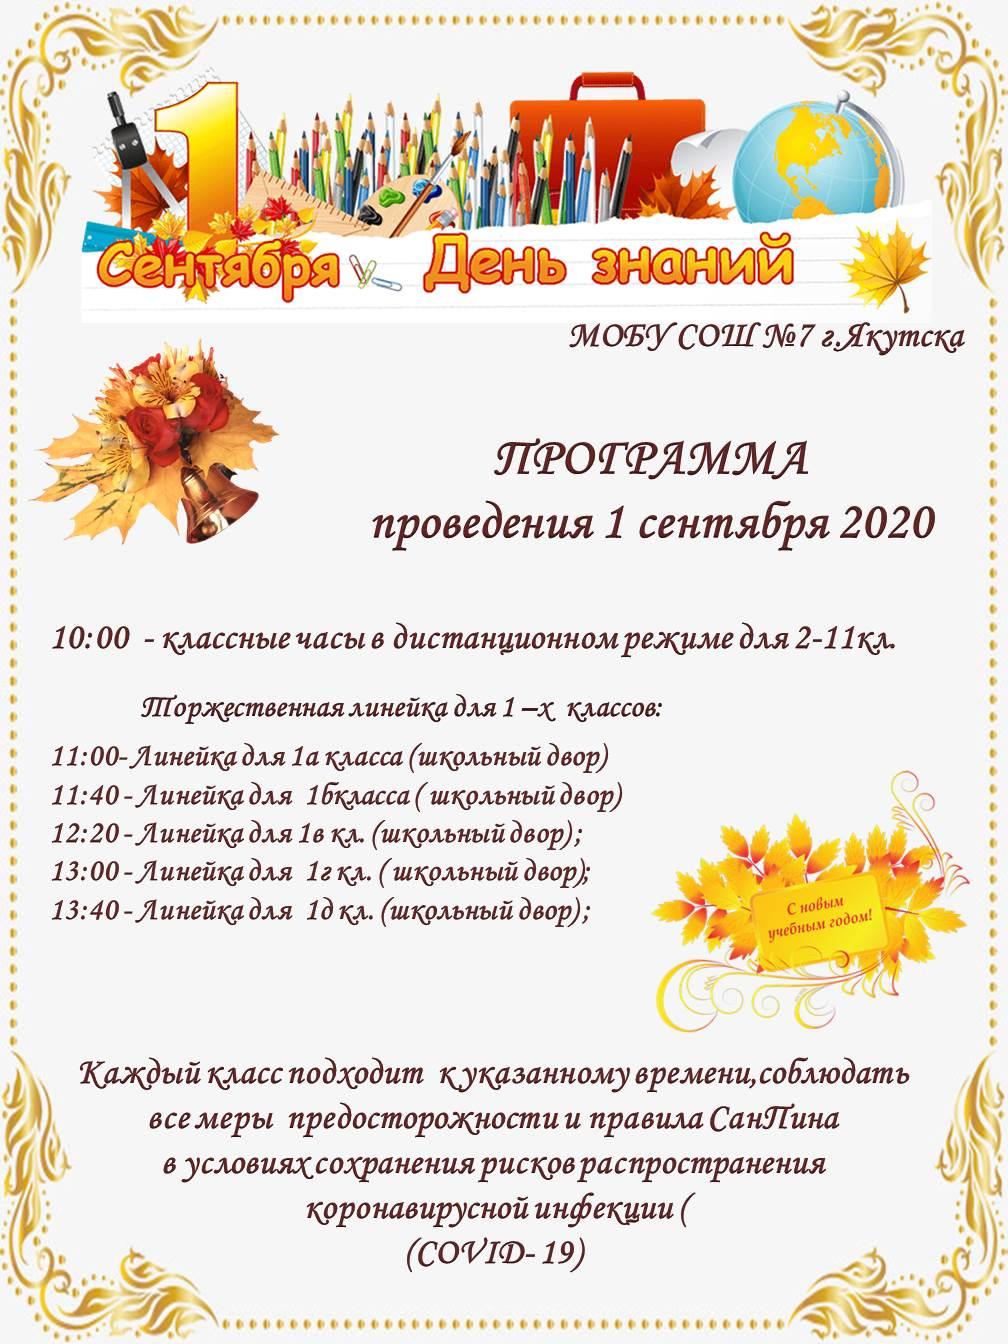 programma_1_sentyabrya.jpg (187.23 Kb)